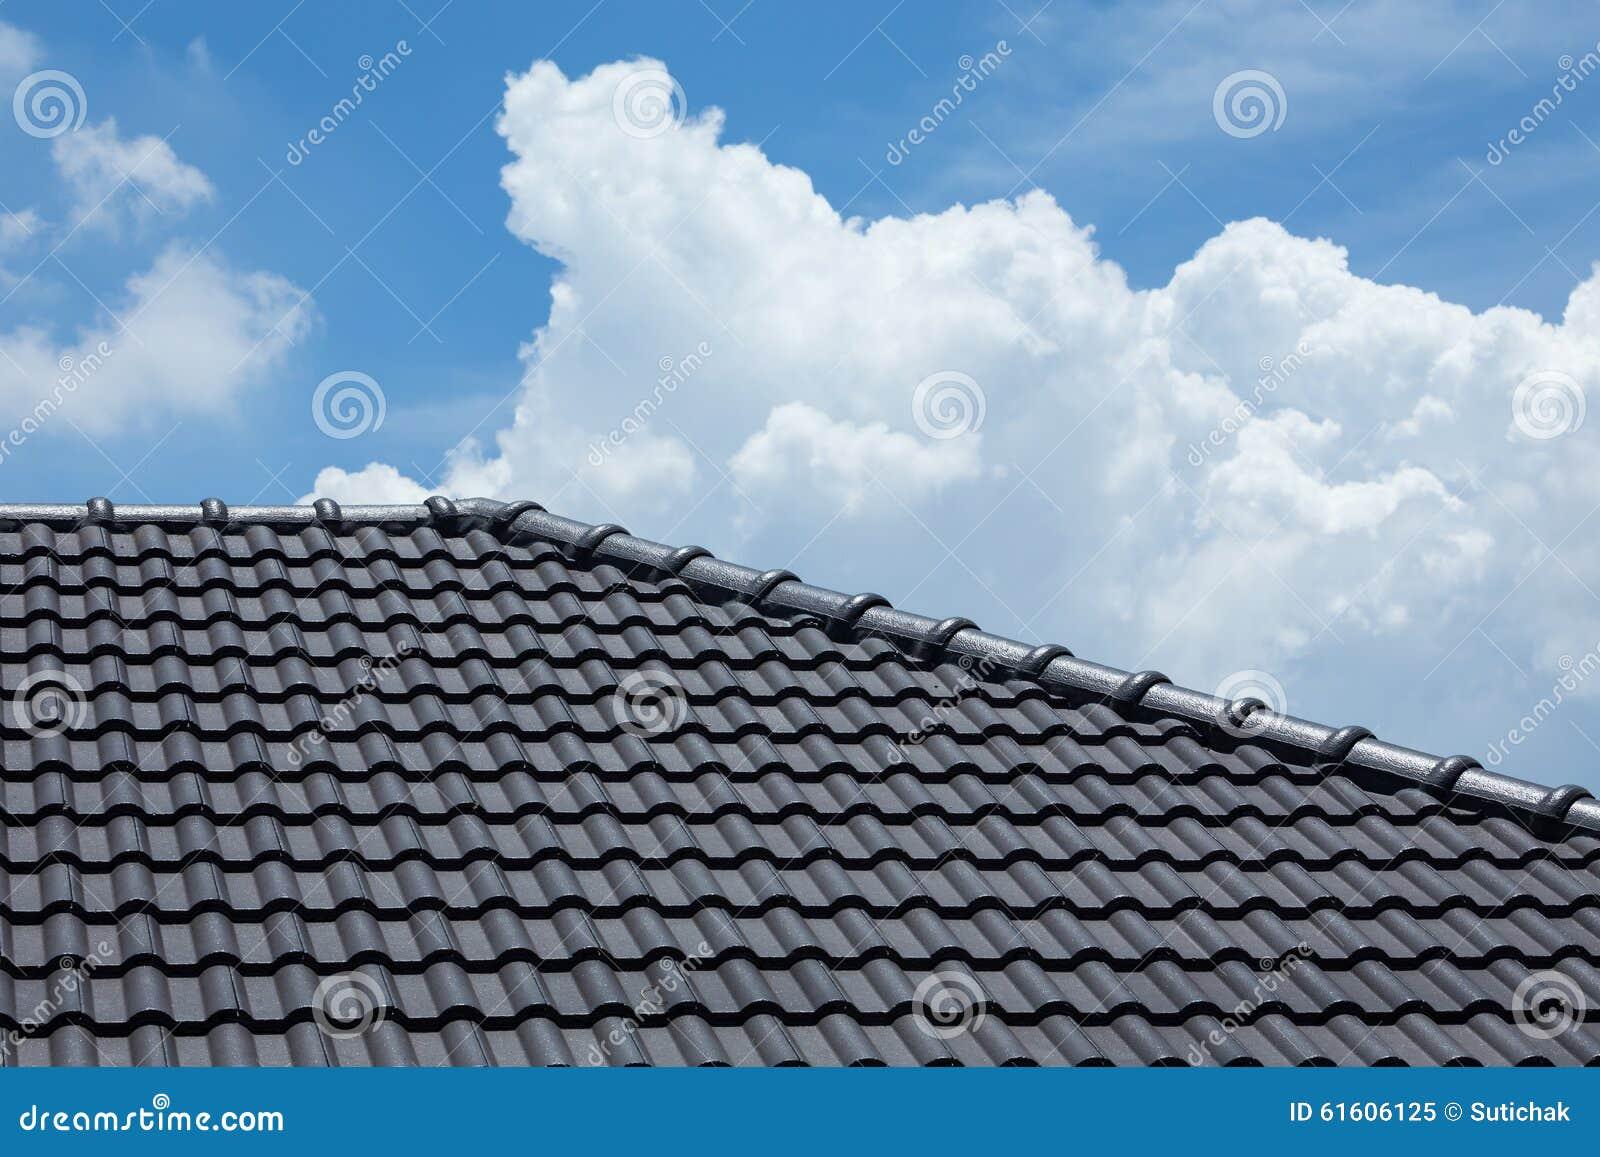 Toit De Tuile Noir De Maison Avec Le Ciel Bleu Et Le Nuage Image Stock Image 61606125